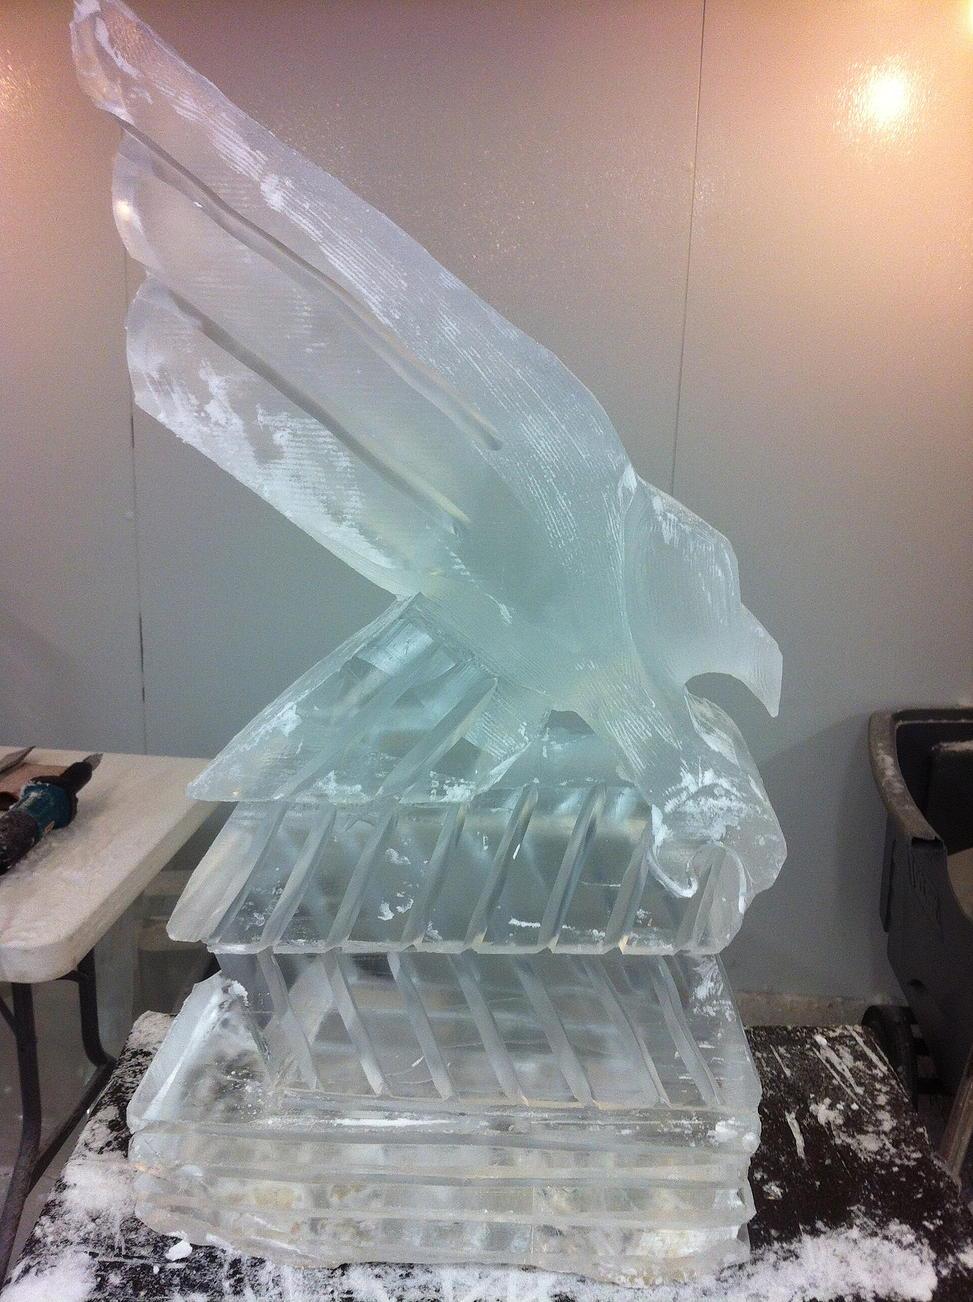 UNT eagle ice sculpture